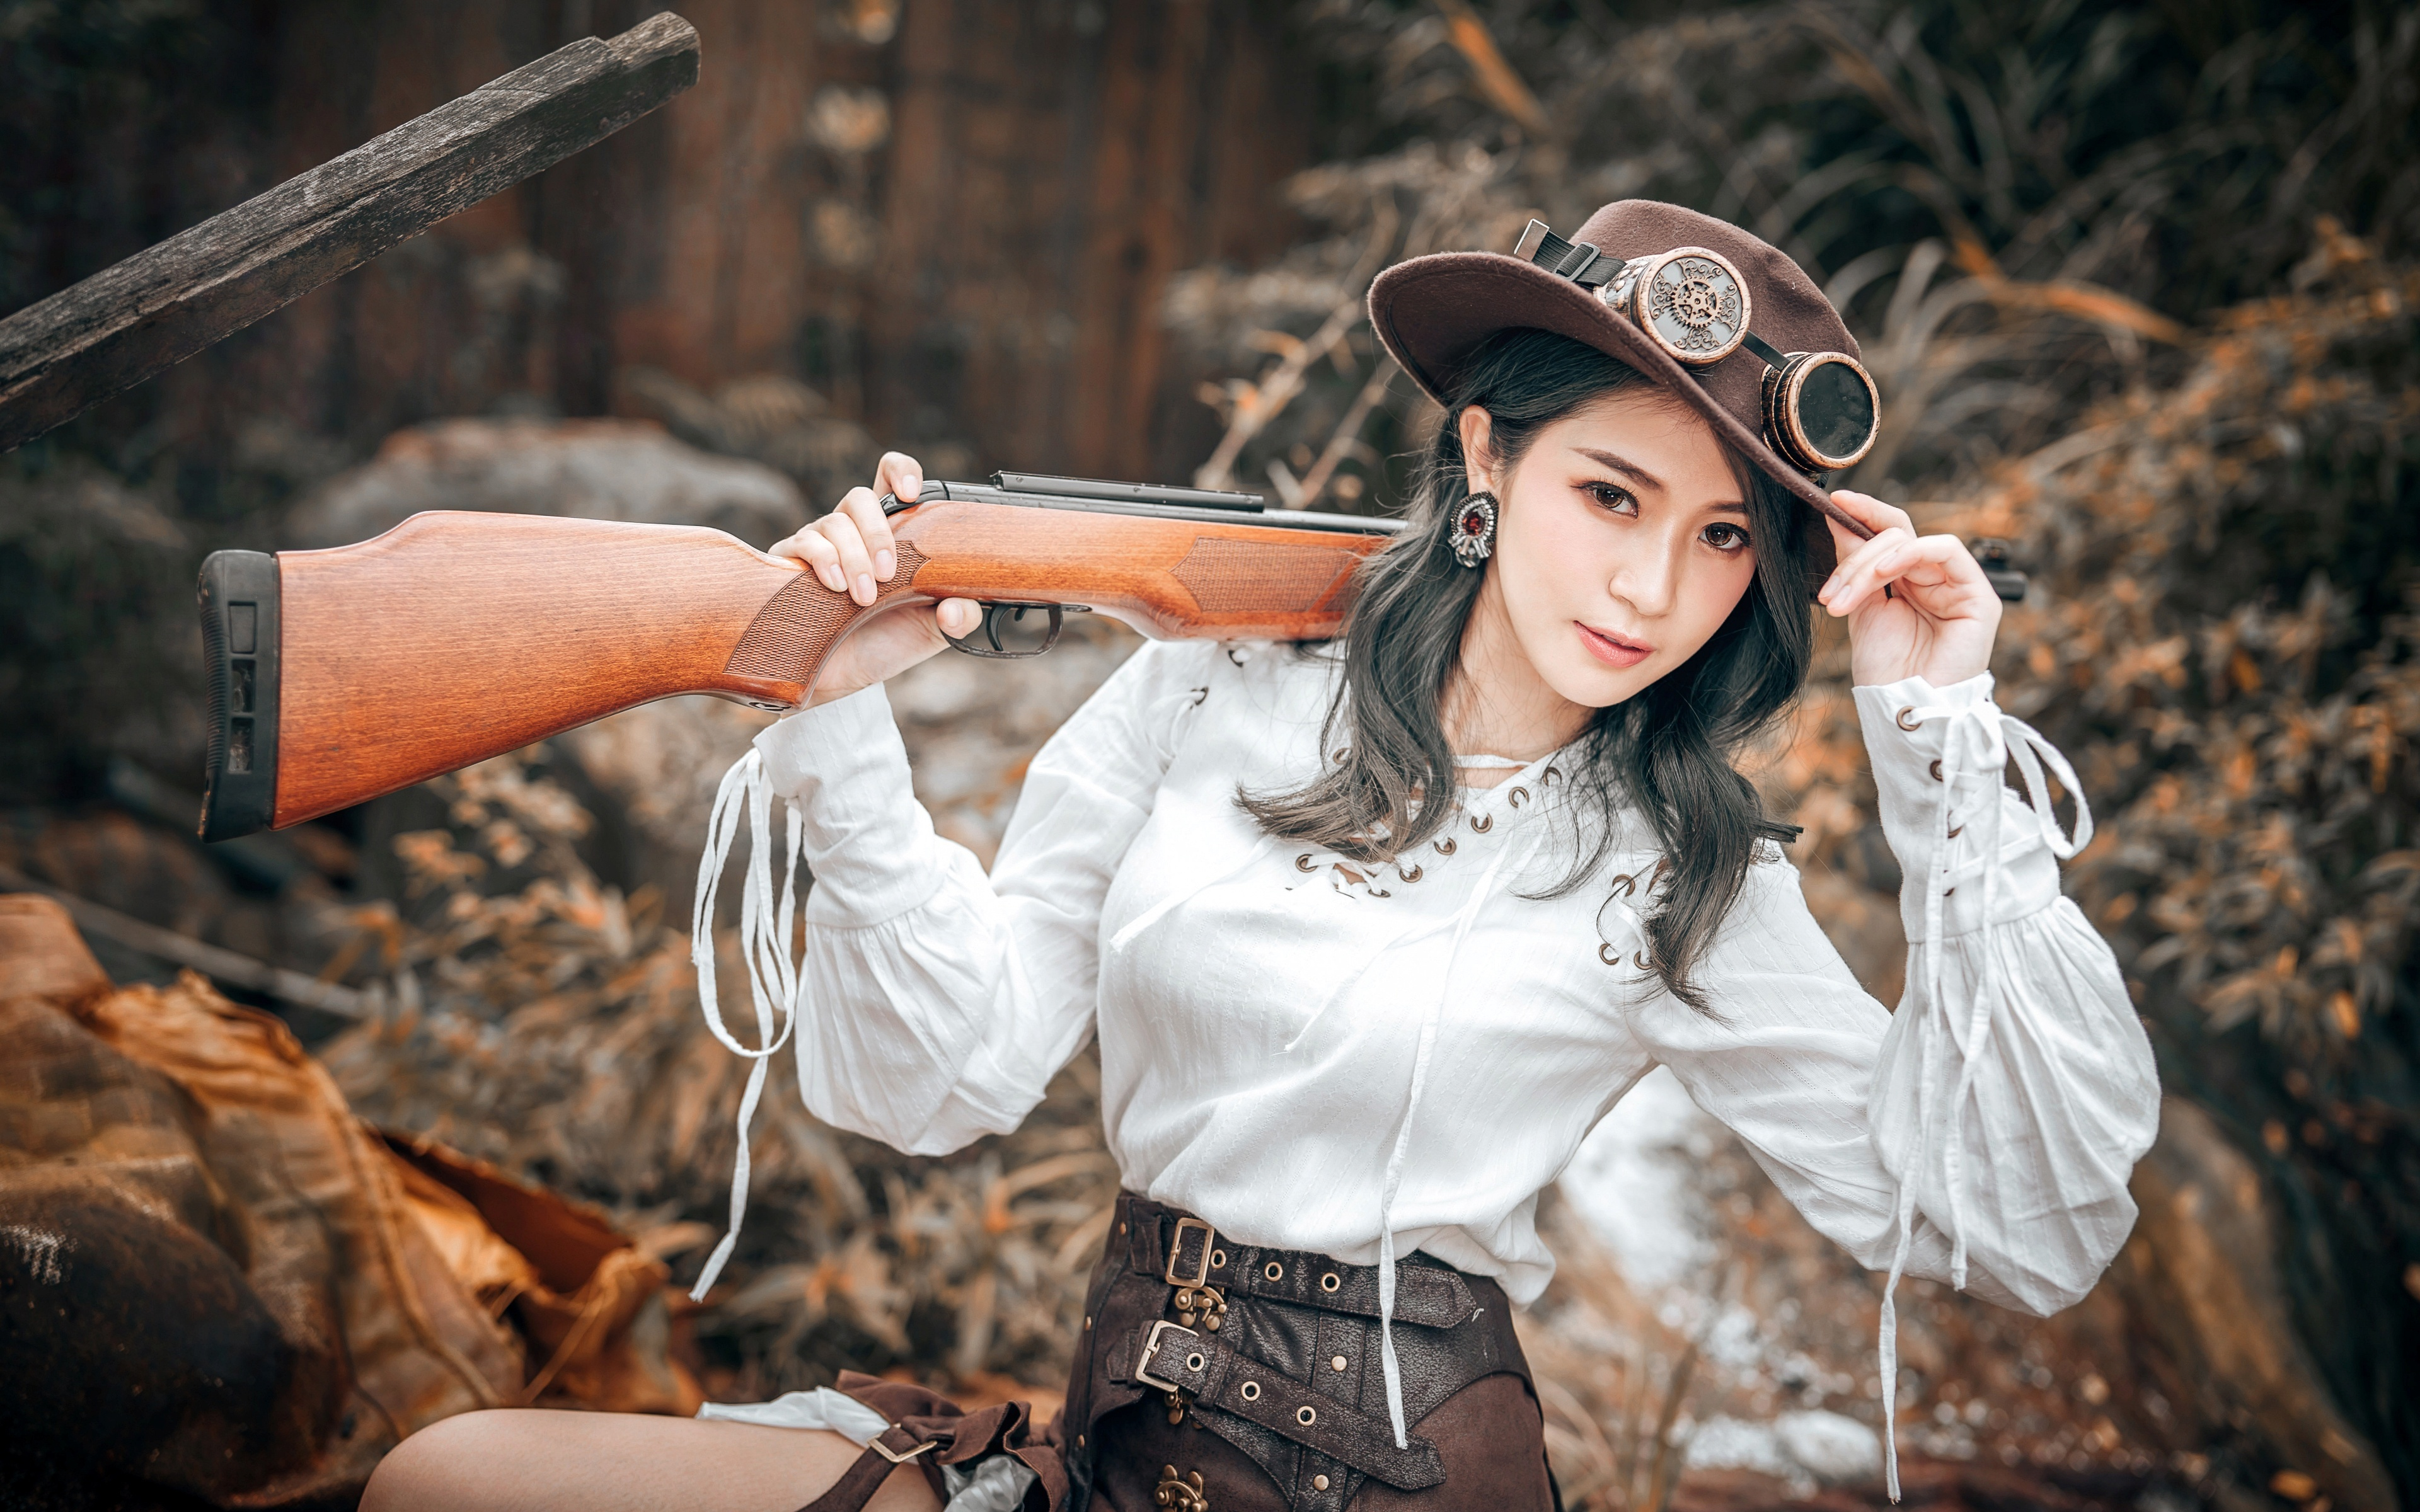 Bakgrunnsbilder til skrivebordet haglgevær Cosplay jakten uklar bakgrunn Hatt Retro Unge kvinner asiatisk Hender Briller ser 3840x2400 Hagle Jakt Bokeh vintage ung kvinne Asiater Blikk